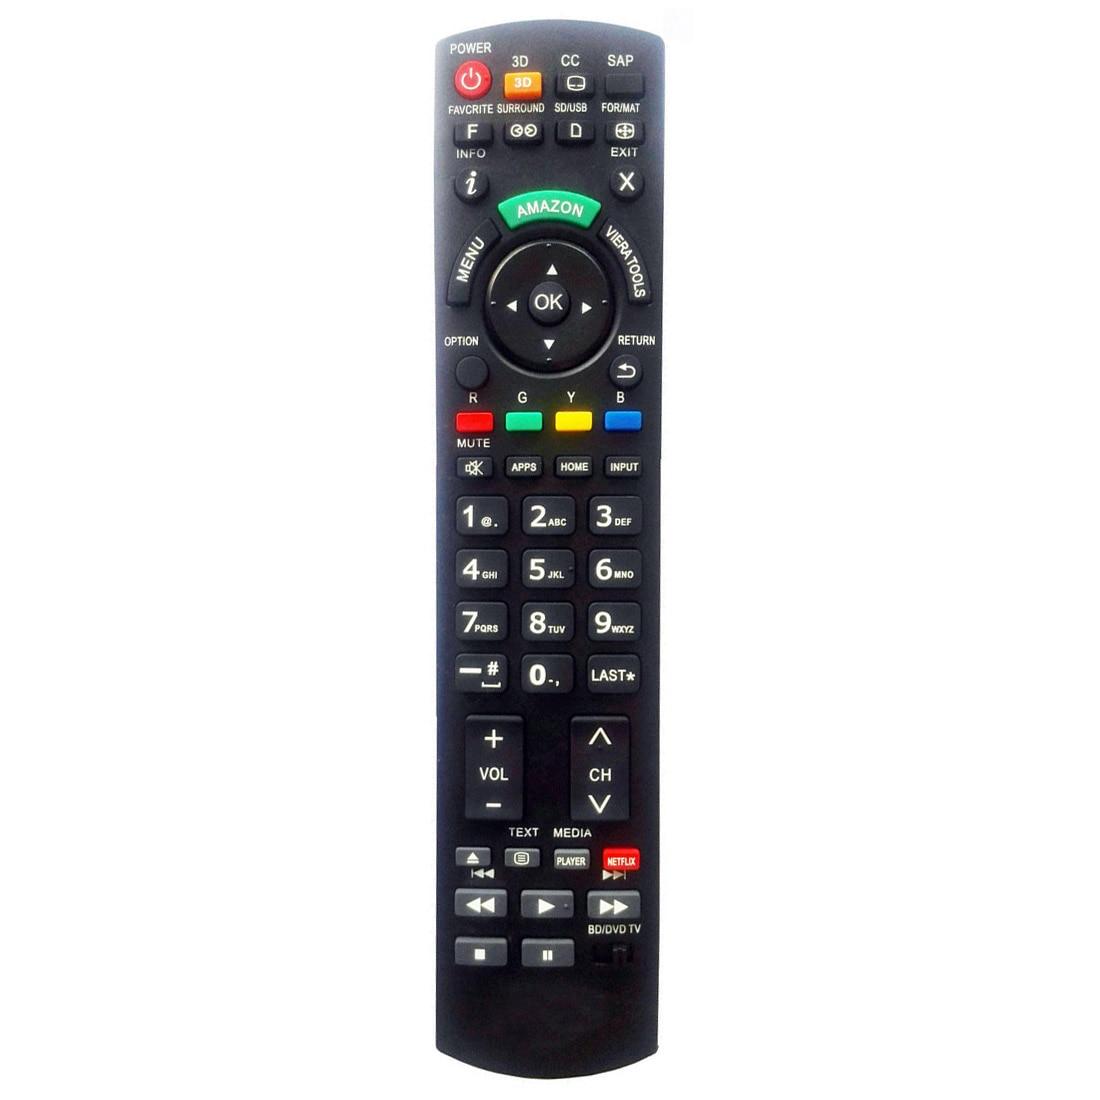 NEW TV Universal Remote For N2QAYB000570 N2QAYB000703 N2QAYB000706